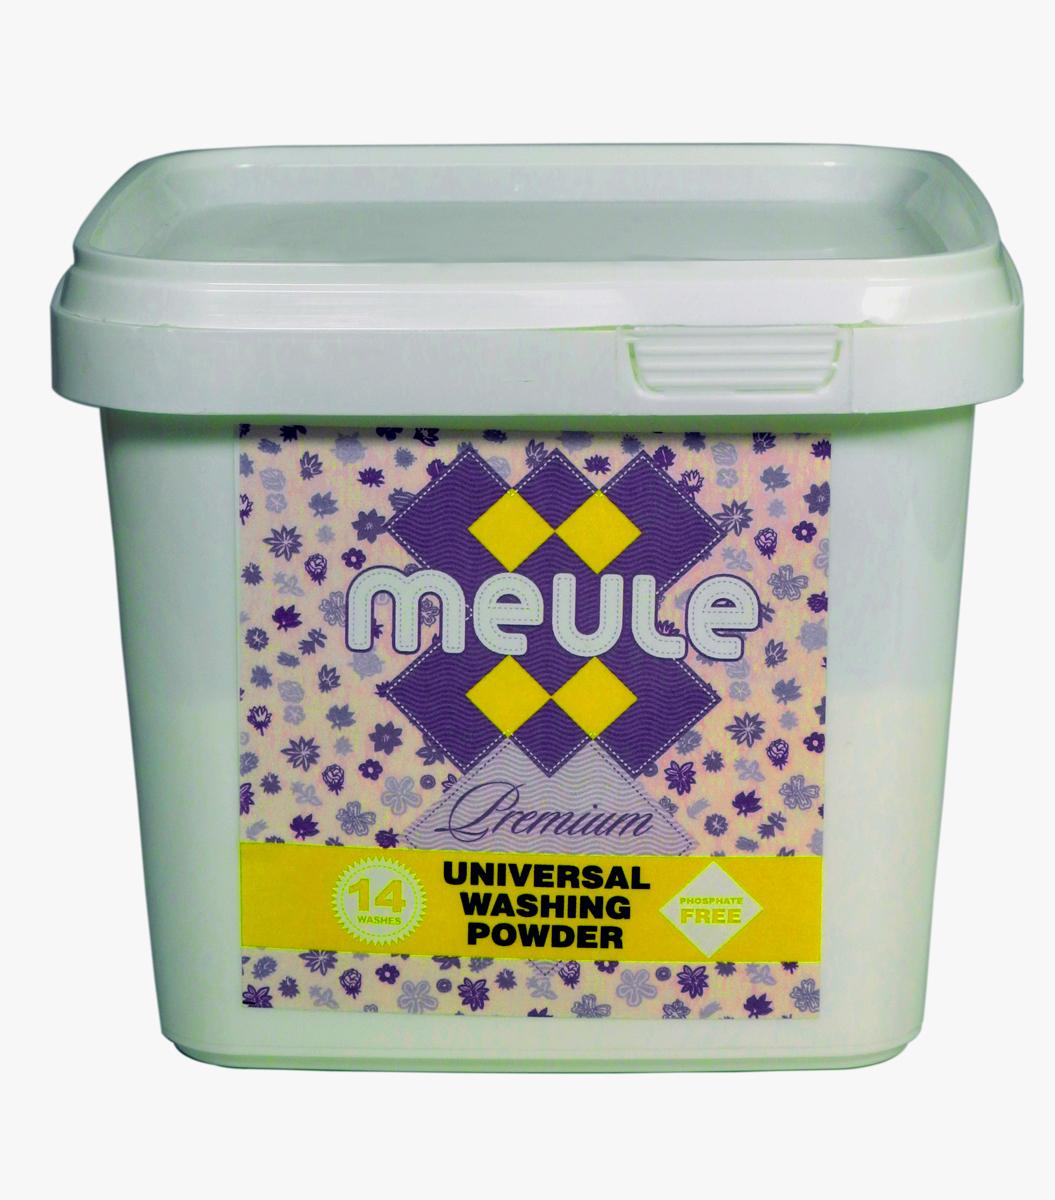 Порошок стиральный Meule, концентрат, 0,5 кг531-402MEULE Premium Universal Washing Powder (14 стирок) - это универсальный бесфосфатный концентрированный стиральный порошок, высокого качества.Для белых и цветных тканей, изделий из хлопка, льна и синтетики. Отстирывает пятна и загрязнения различного происхождения, сохраняя структуру ткани. Препятствует образованию ворсистости (катышков) на одежде. Работает в широком диапазоне температур (от 30 до 90С). Предотвращает образование накипи. Полностью выполаскивается. Подходит для всех типов стиральных машин.